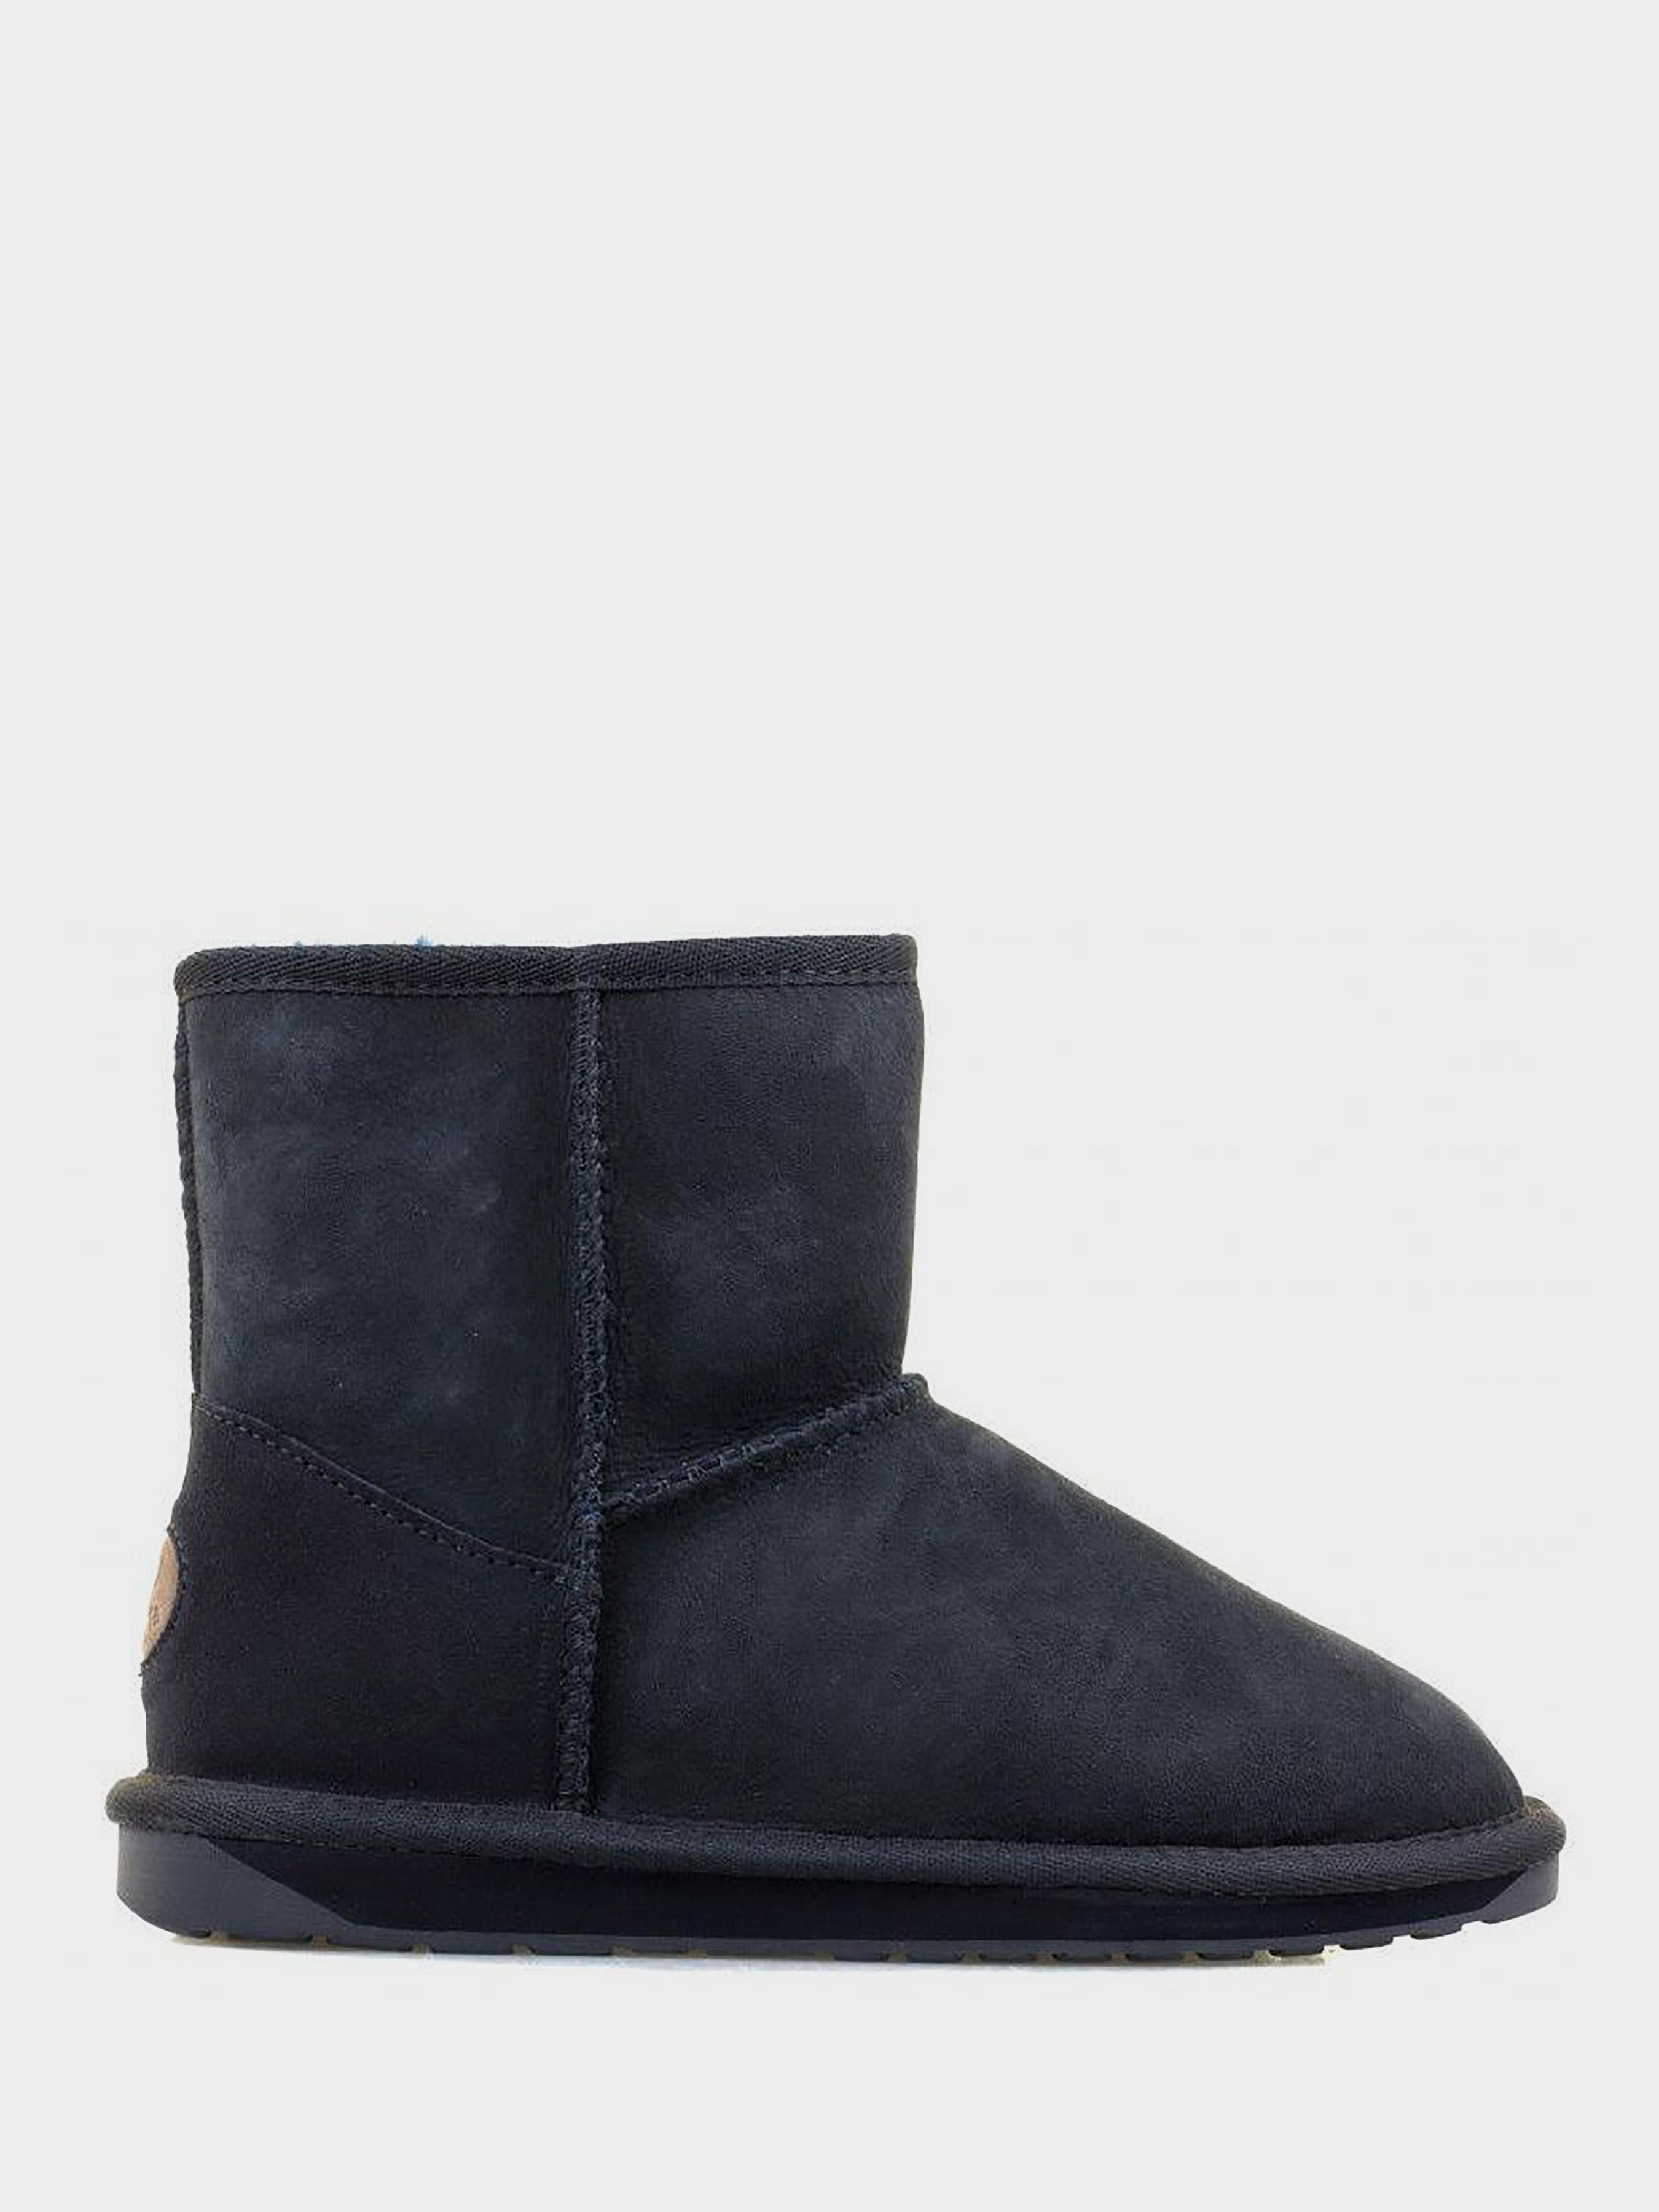 Ботинки женские EMU YK27 цена обуви, 2017